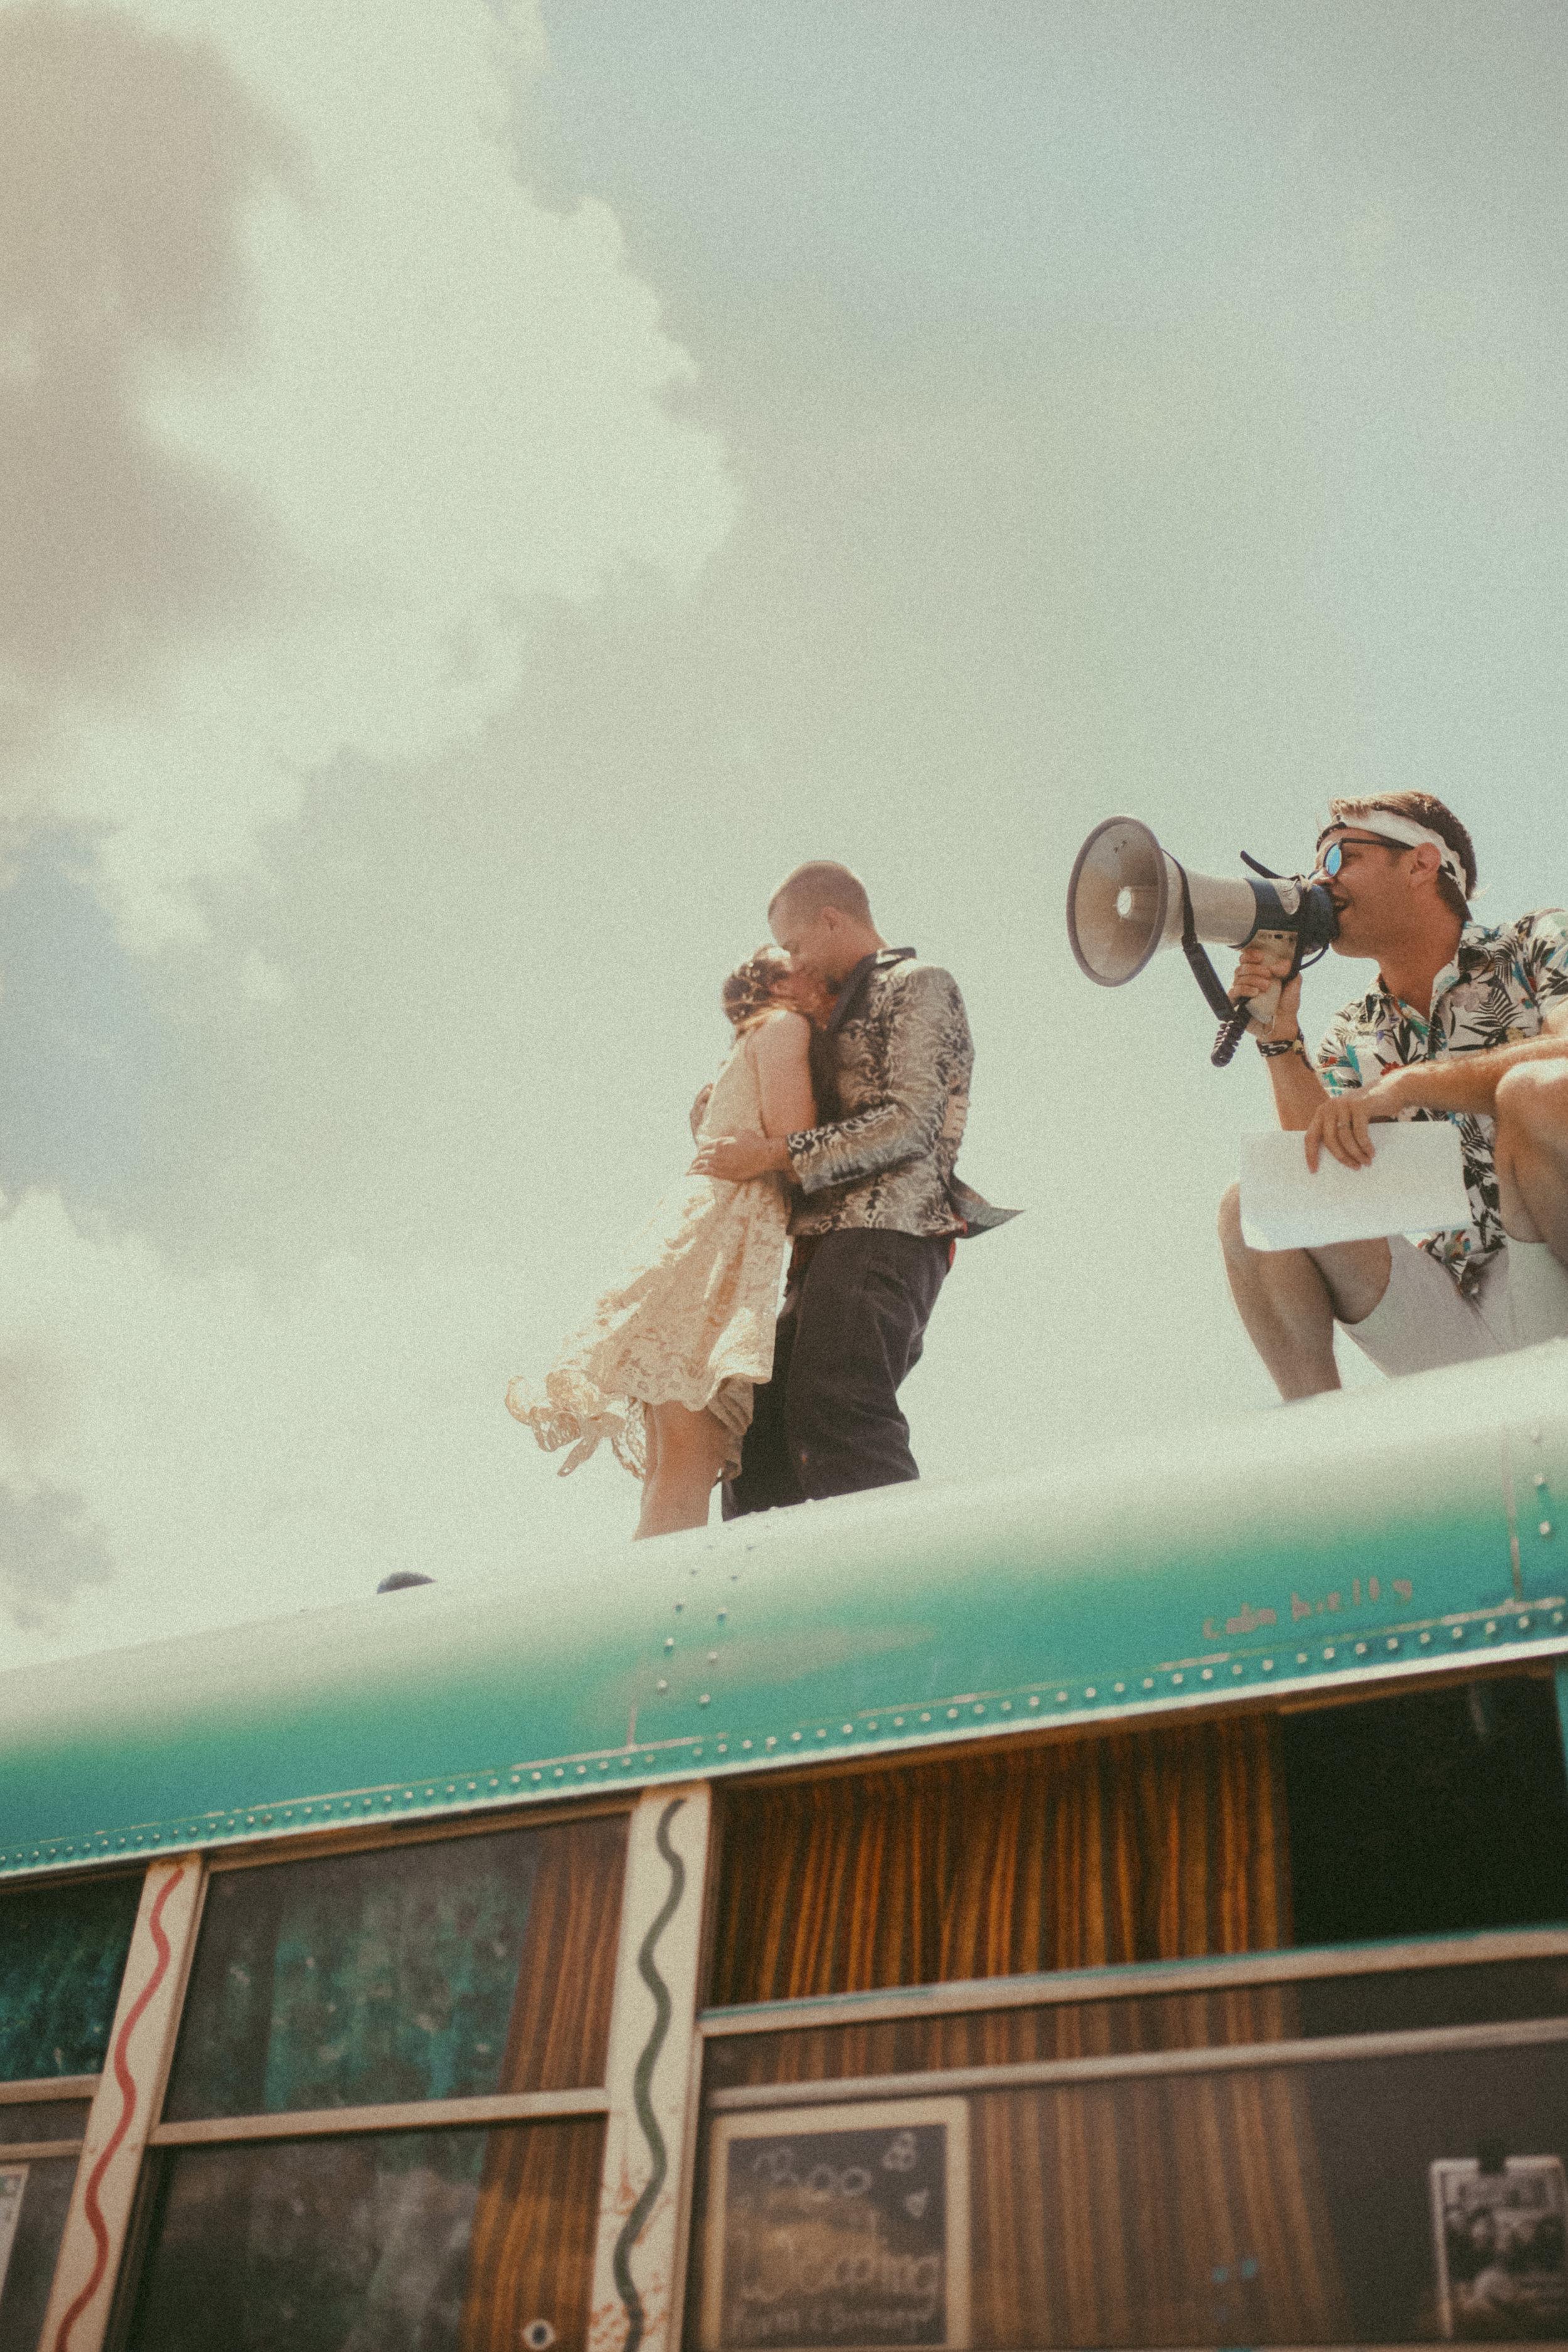 Bonnaroo-MusicFestivalWedding-Brittany&Kevin-28.jpg